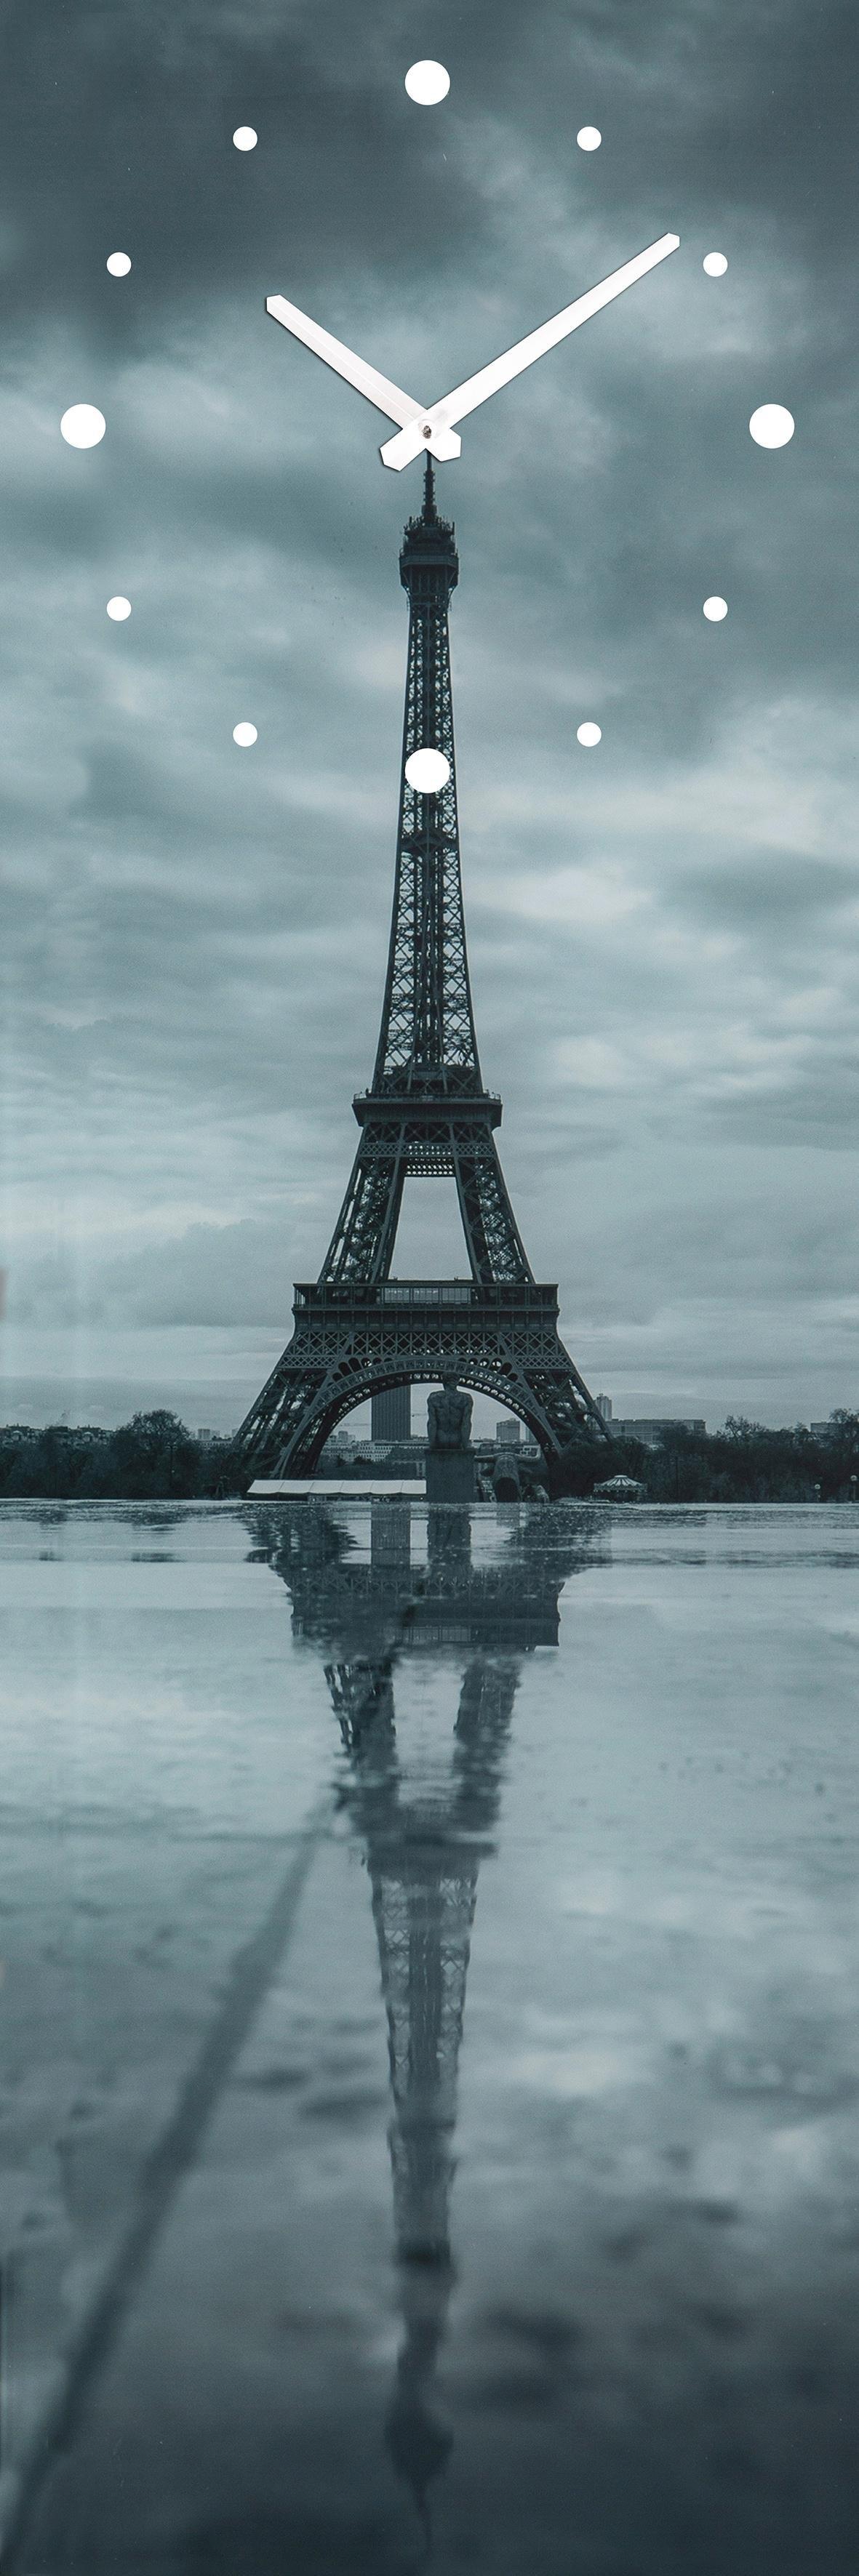 Op zoek naar een wandklok »Eifelturm«? Koop online bij OTTO